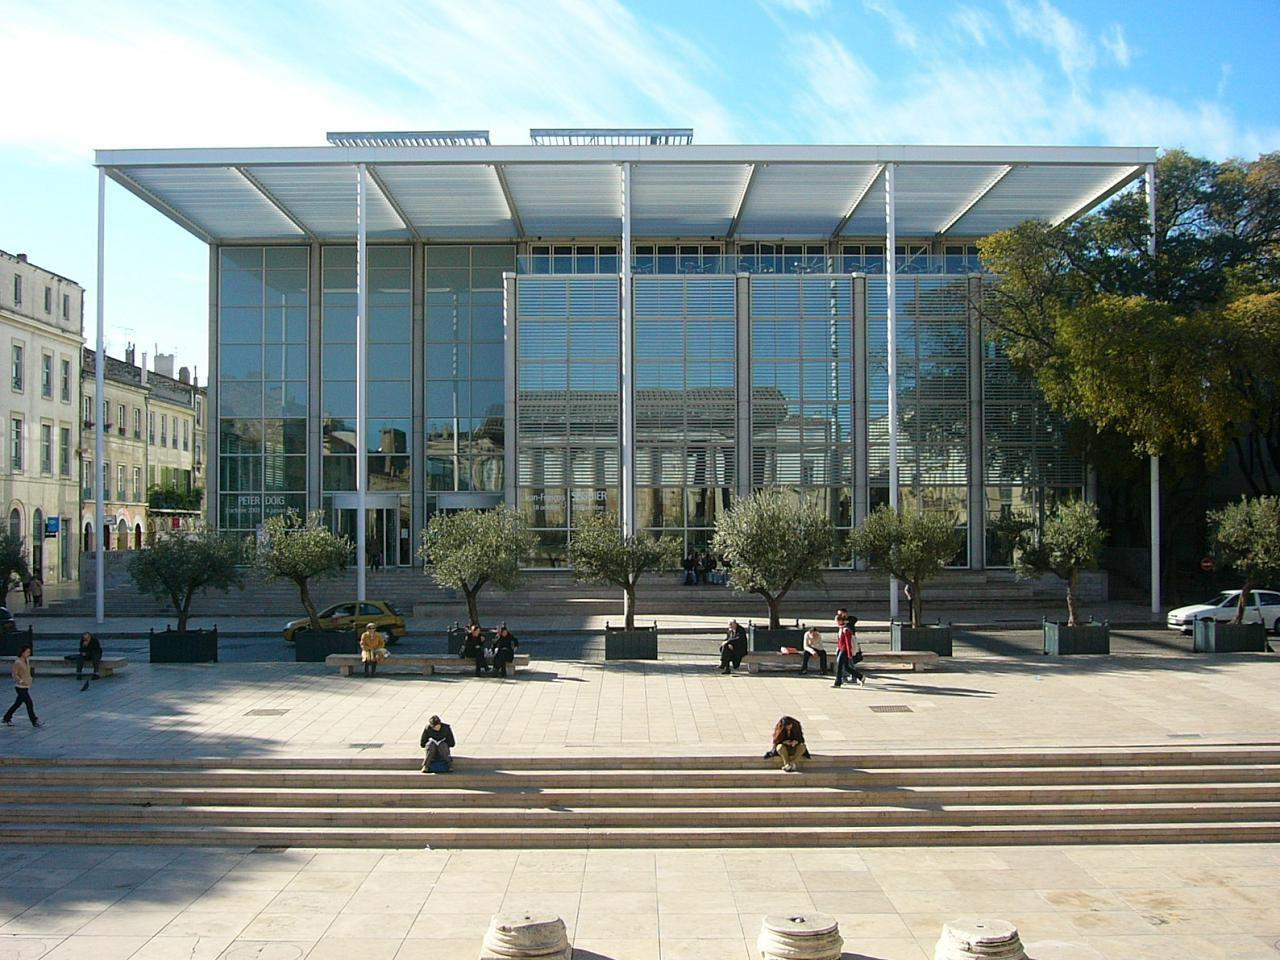 Carré d'art - Musée d'art contemporain_Nîmes